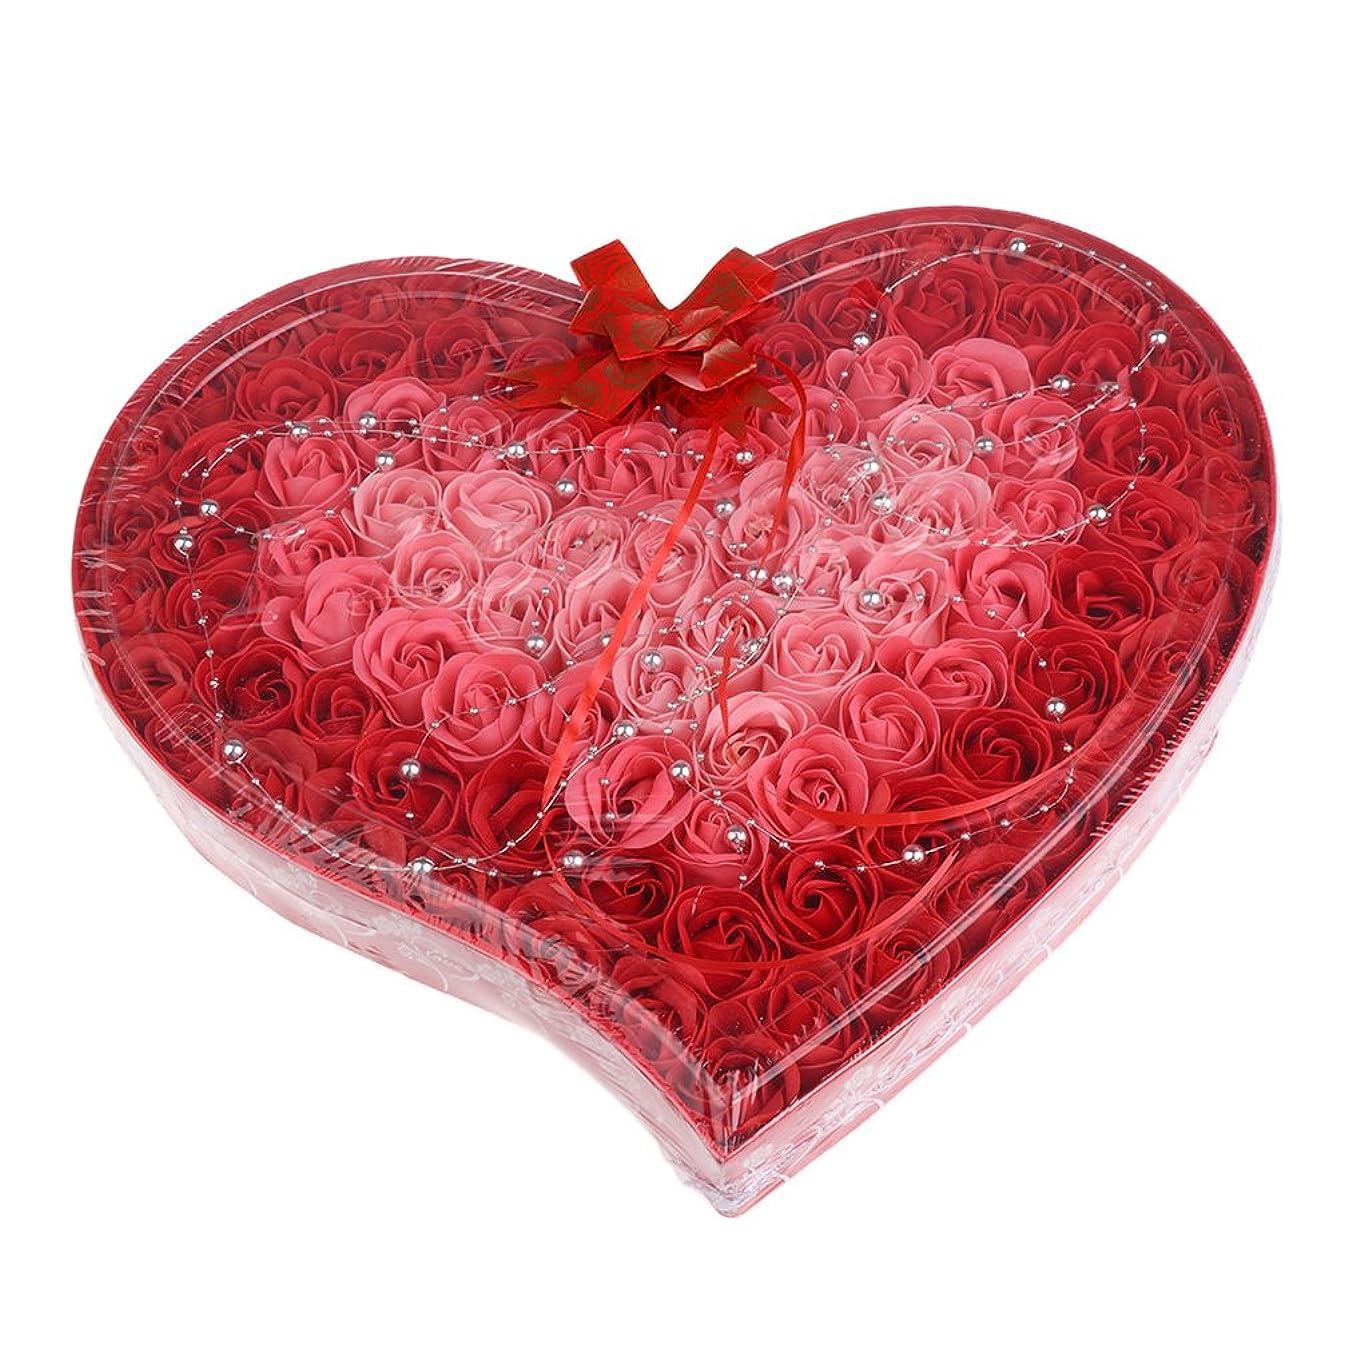 フローティングマニア習熟度Baoblaze 石鹸の花 母の日 プレゼント 石鹸 お花 枯れないお花 心の形 ギフトボックス 約100個 プレゼント 4色選択可 - 赤